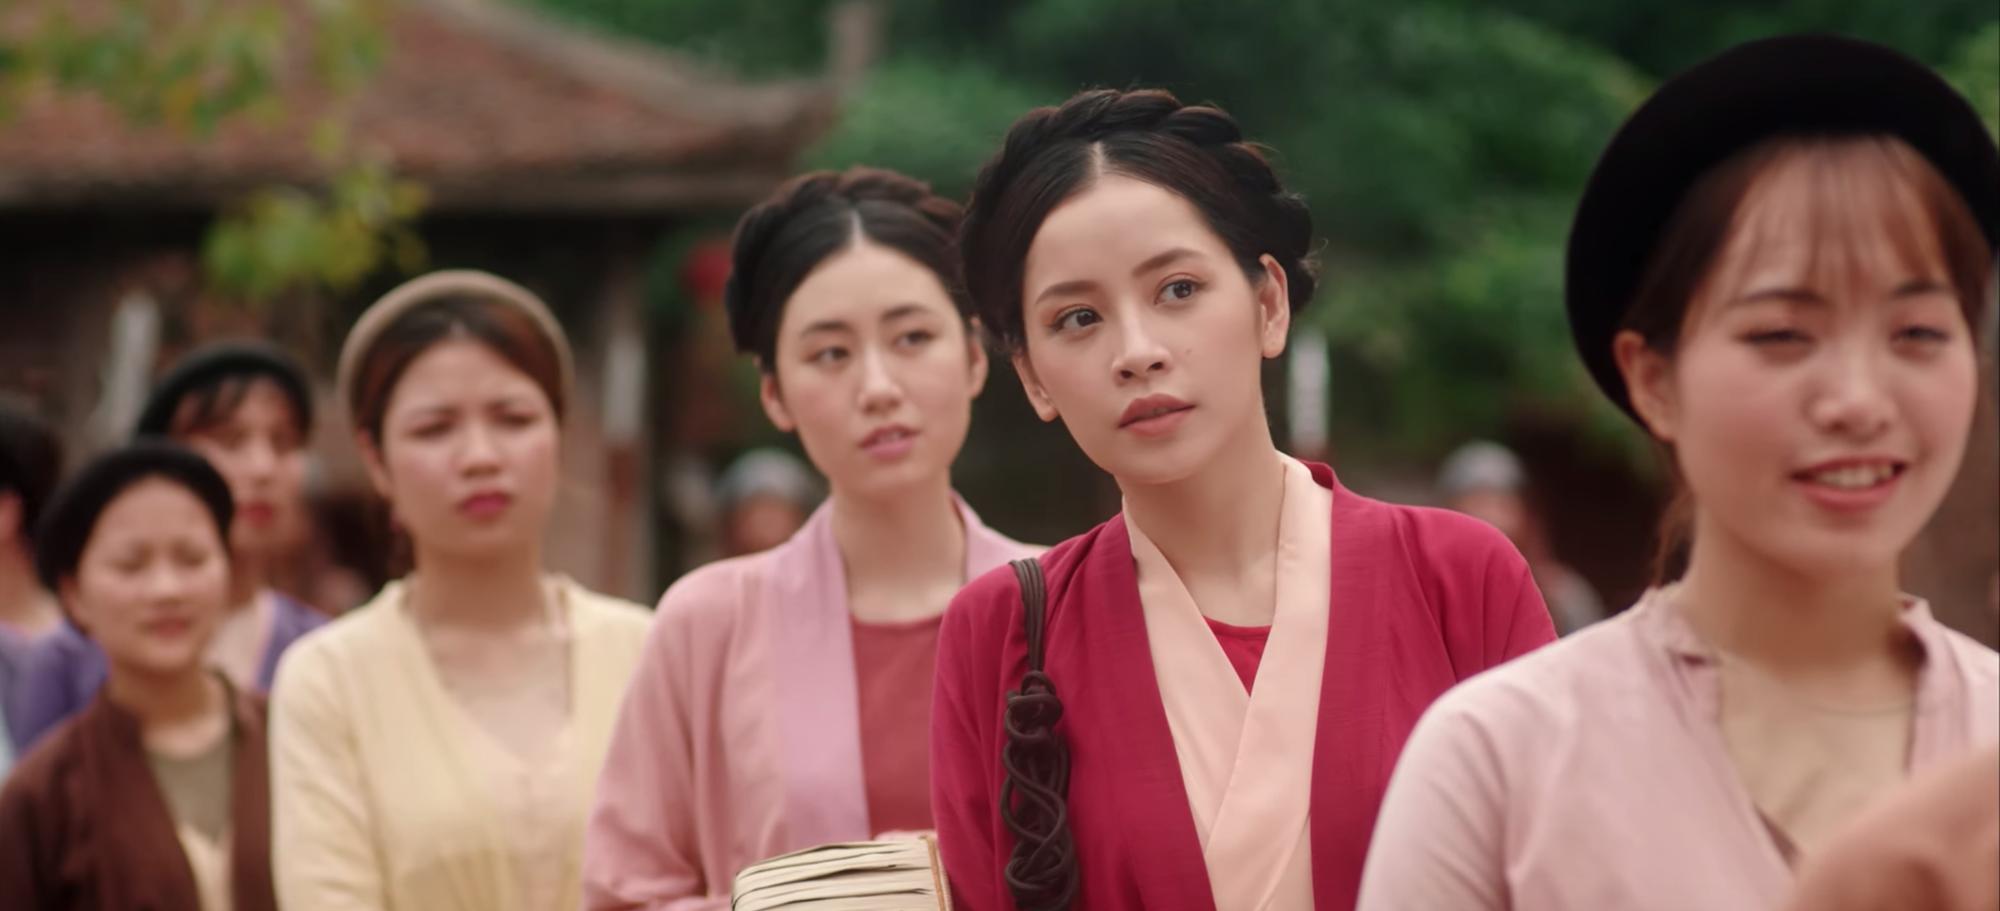 Ra MV mới, Chi Pu ghi điểm với những thay đổi tích cực và 3 điều lần đầu tiên khán giả được chứng kiến - Ảnh 3.